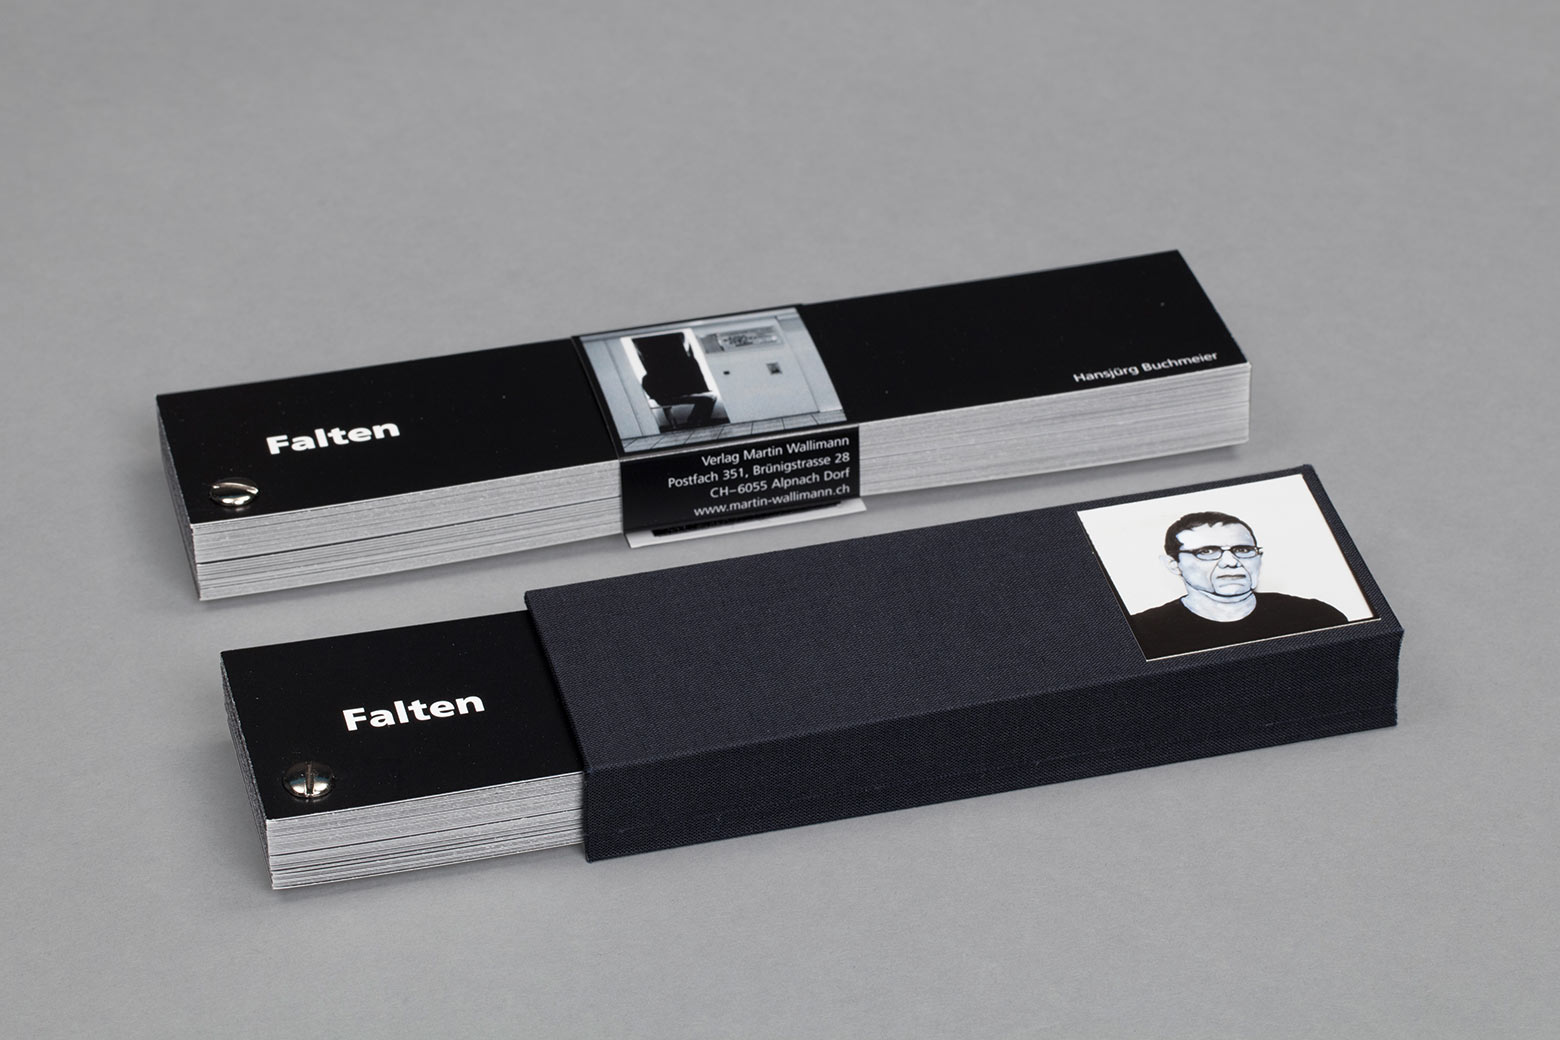 Edition Typoundso Falten Hansjürg Buchmeier